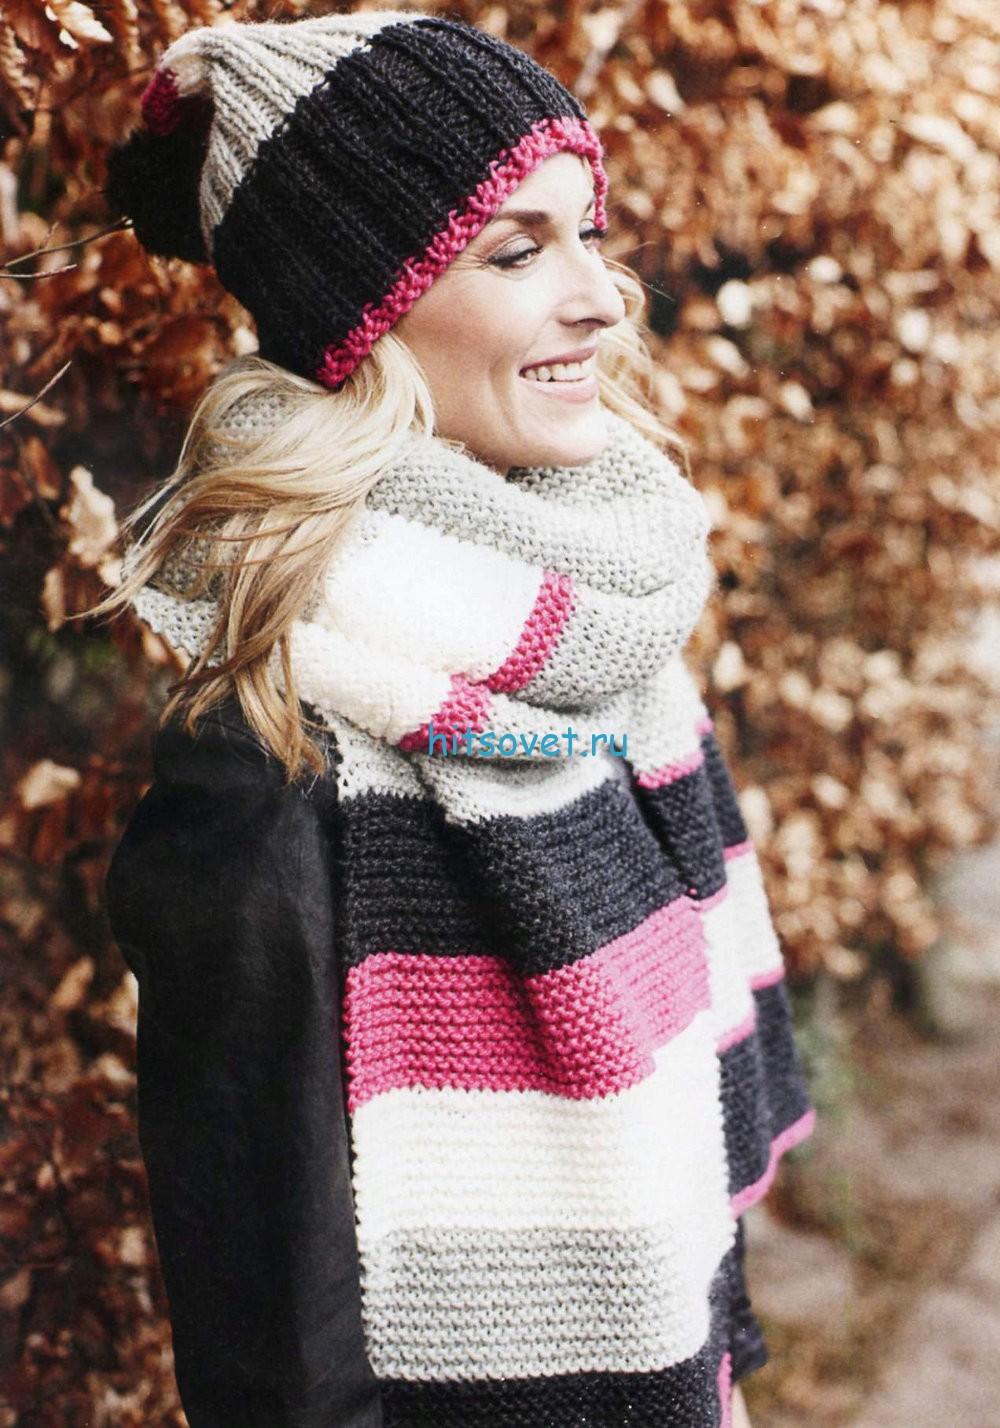 Вязание шапки и шарфа спицами, фото 1.